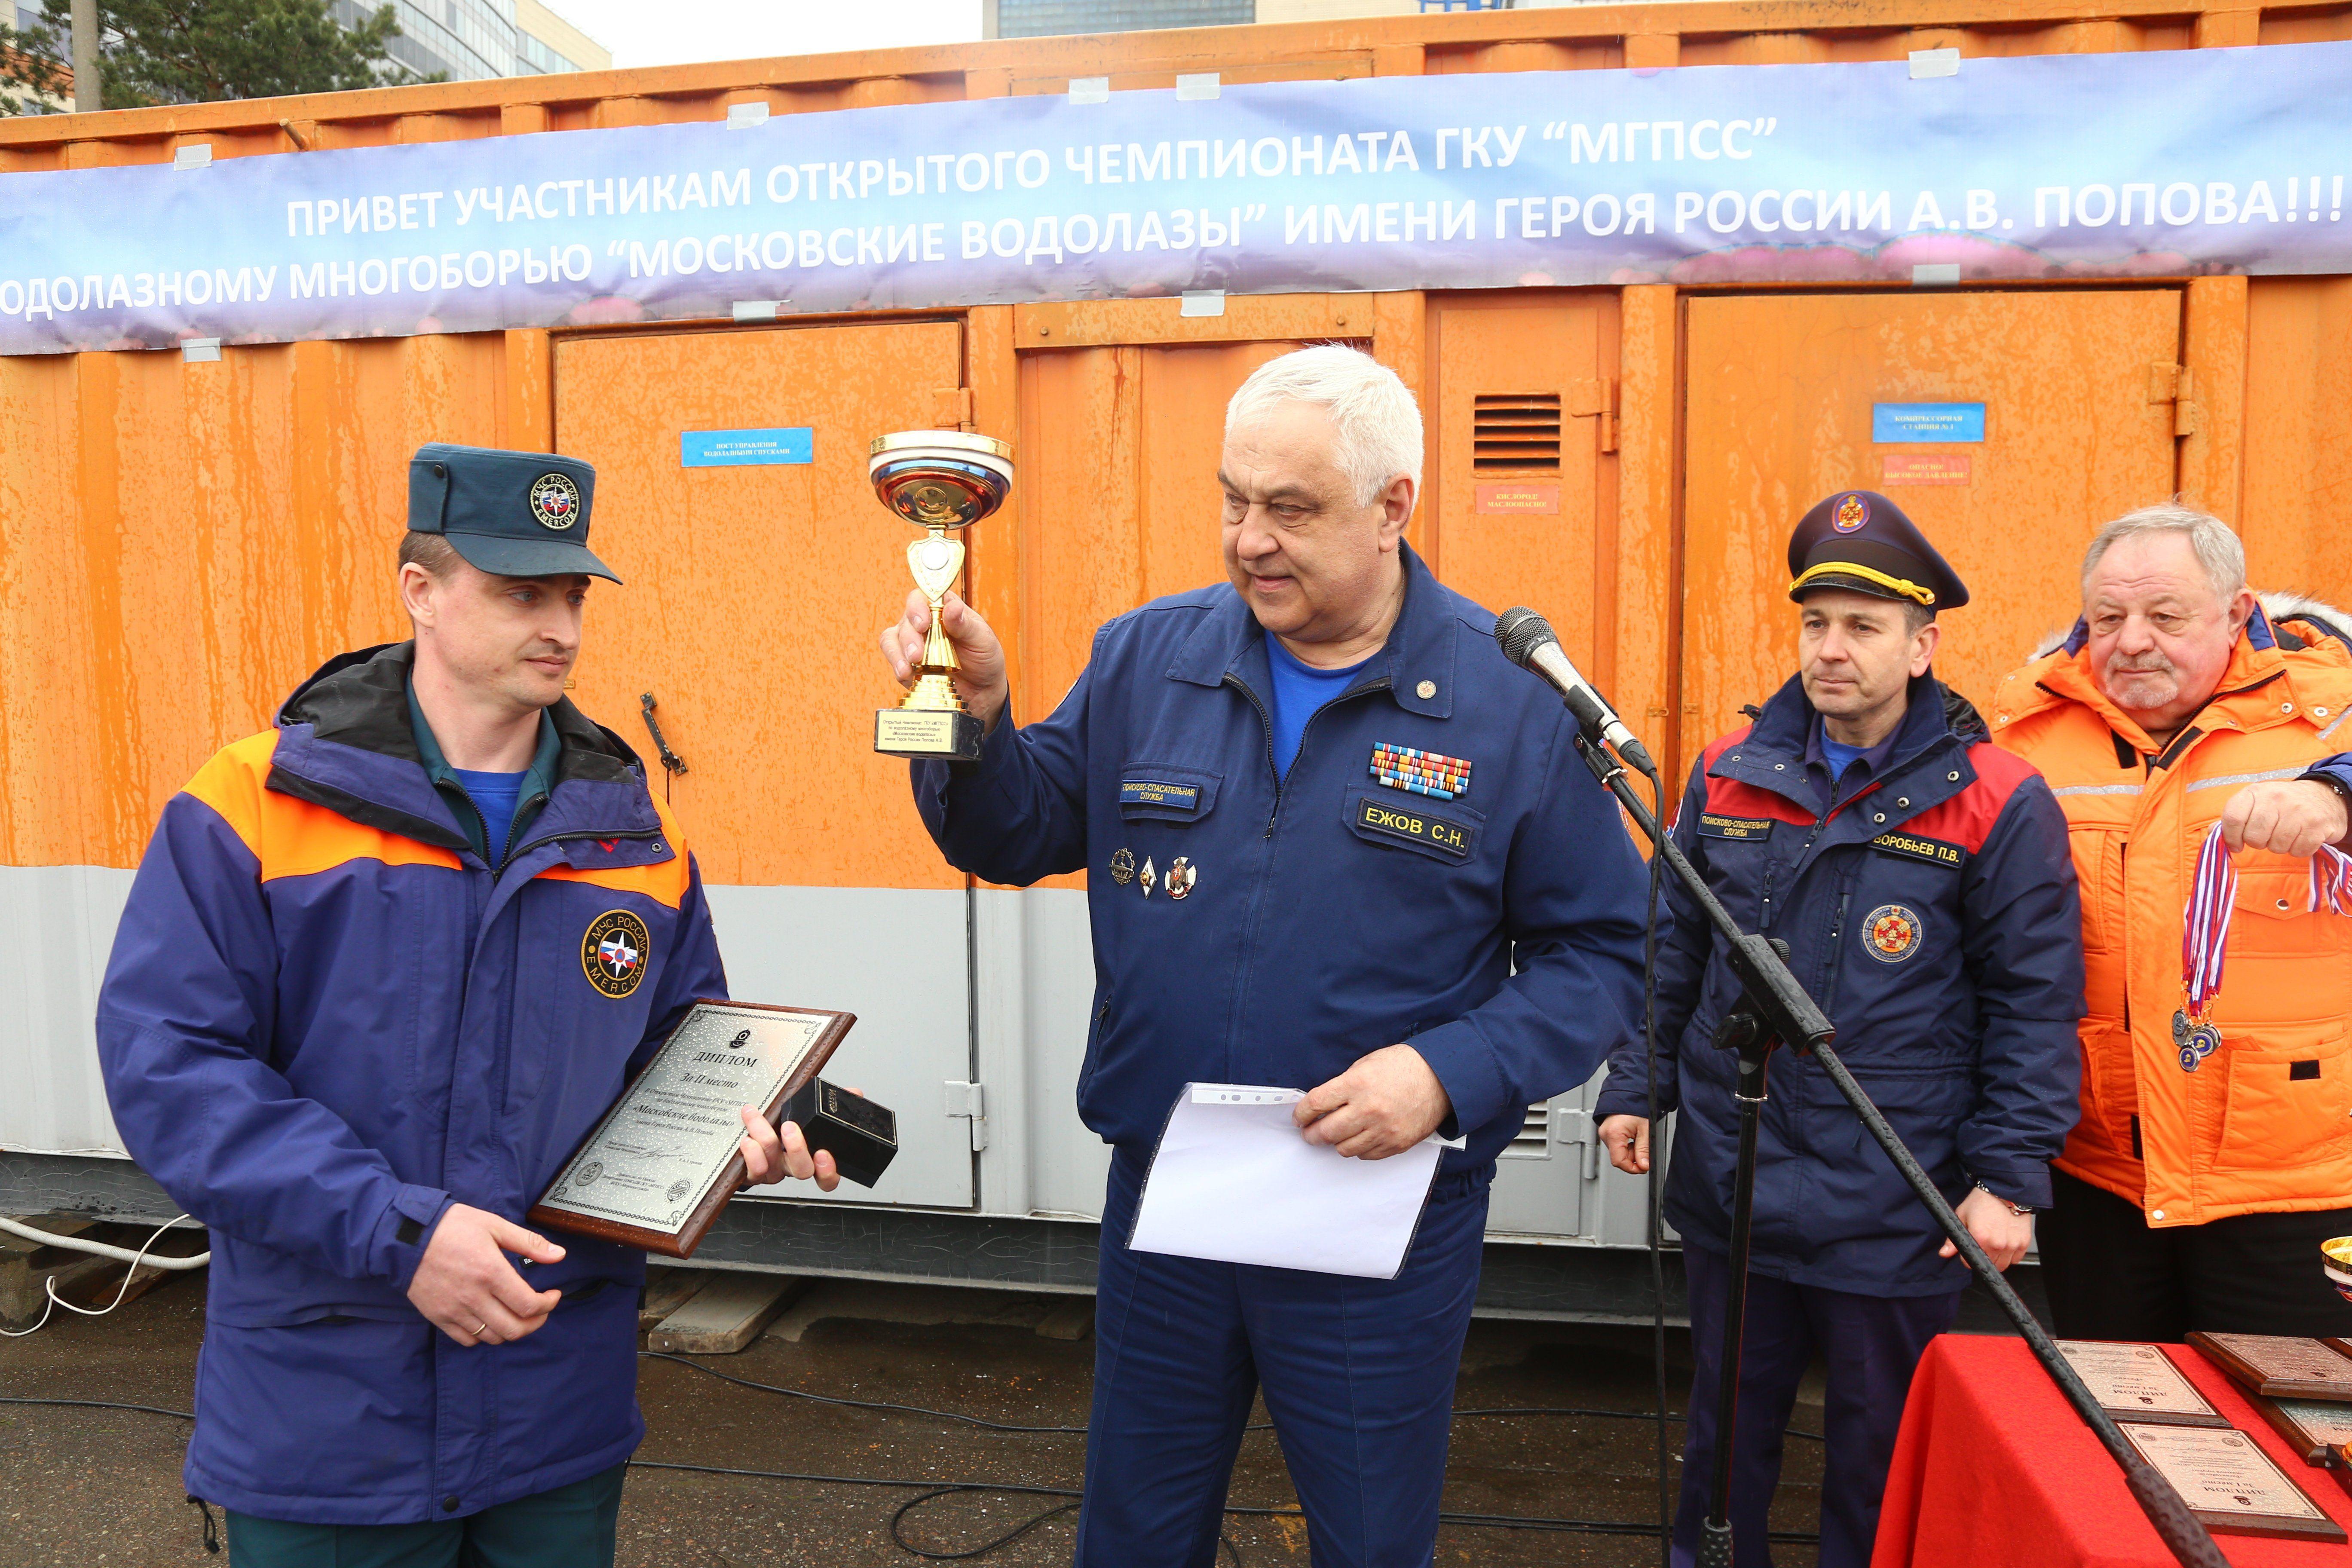 В Москве состоялись первые соревнования по водолазному многоборью